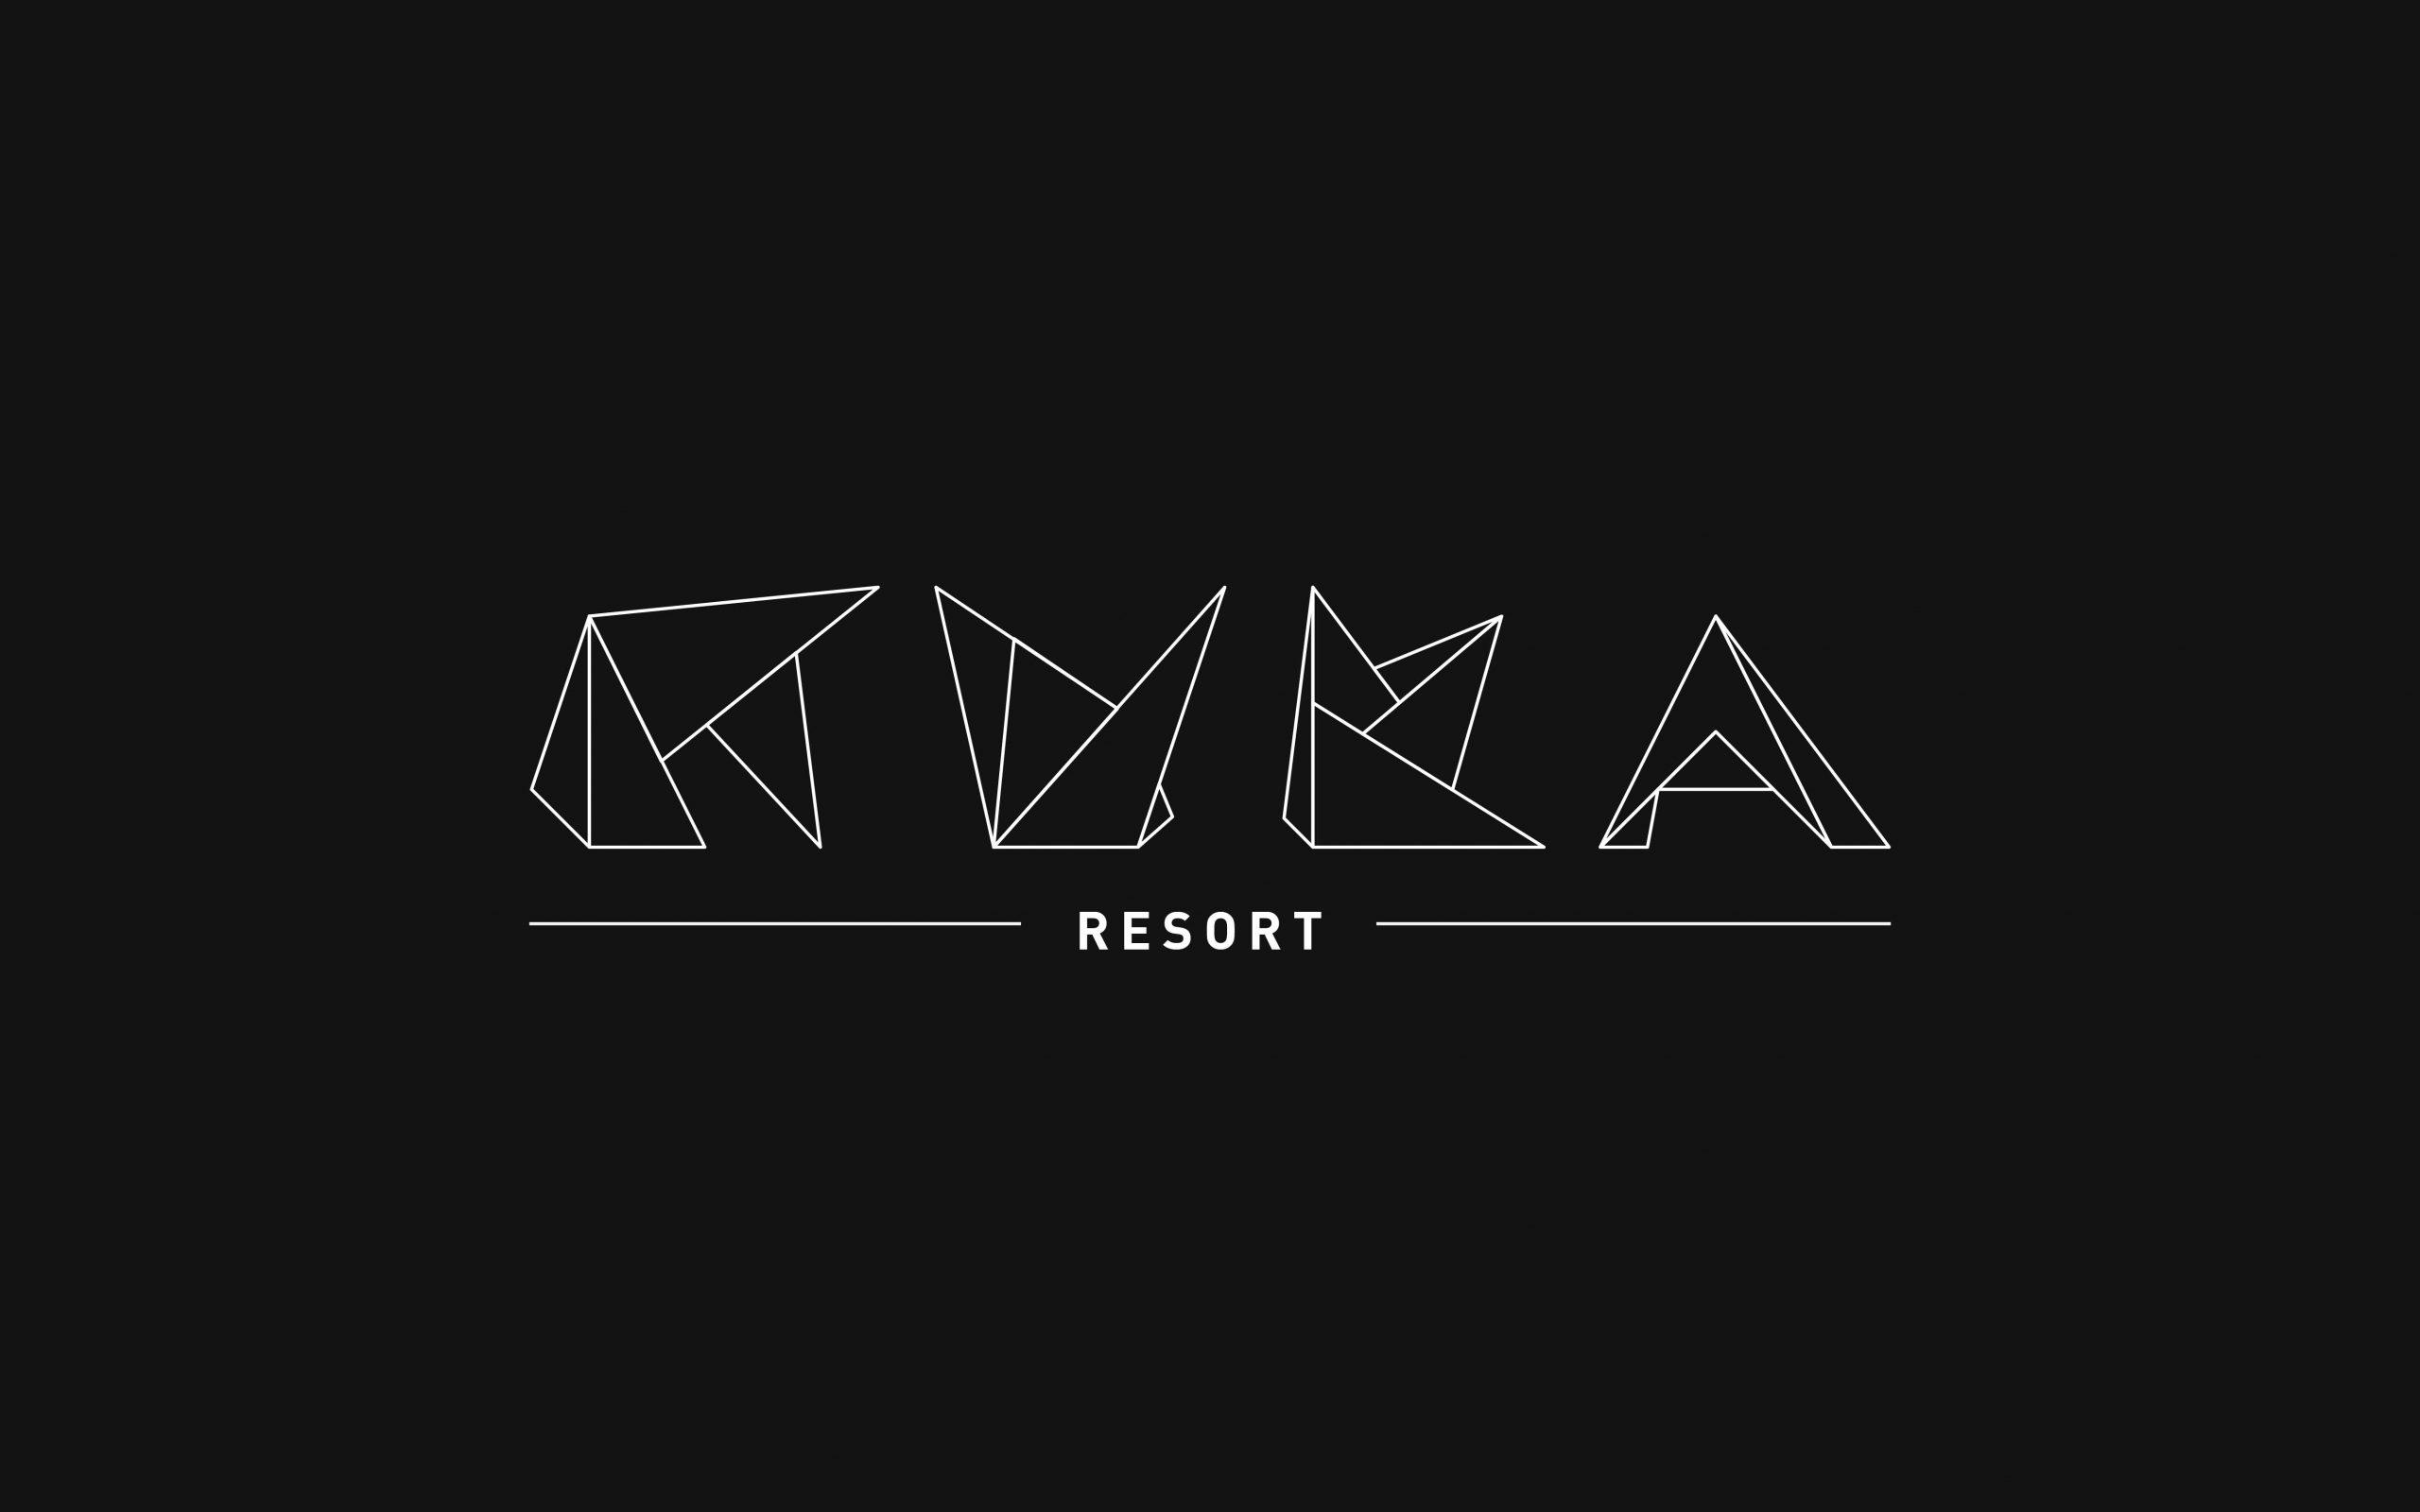 RUKA resort rebrand